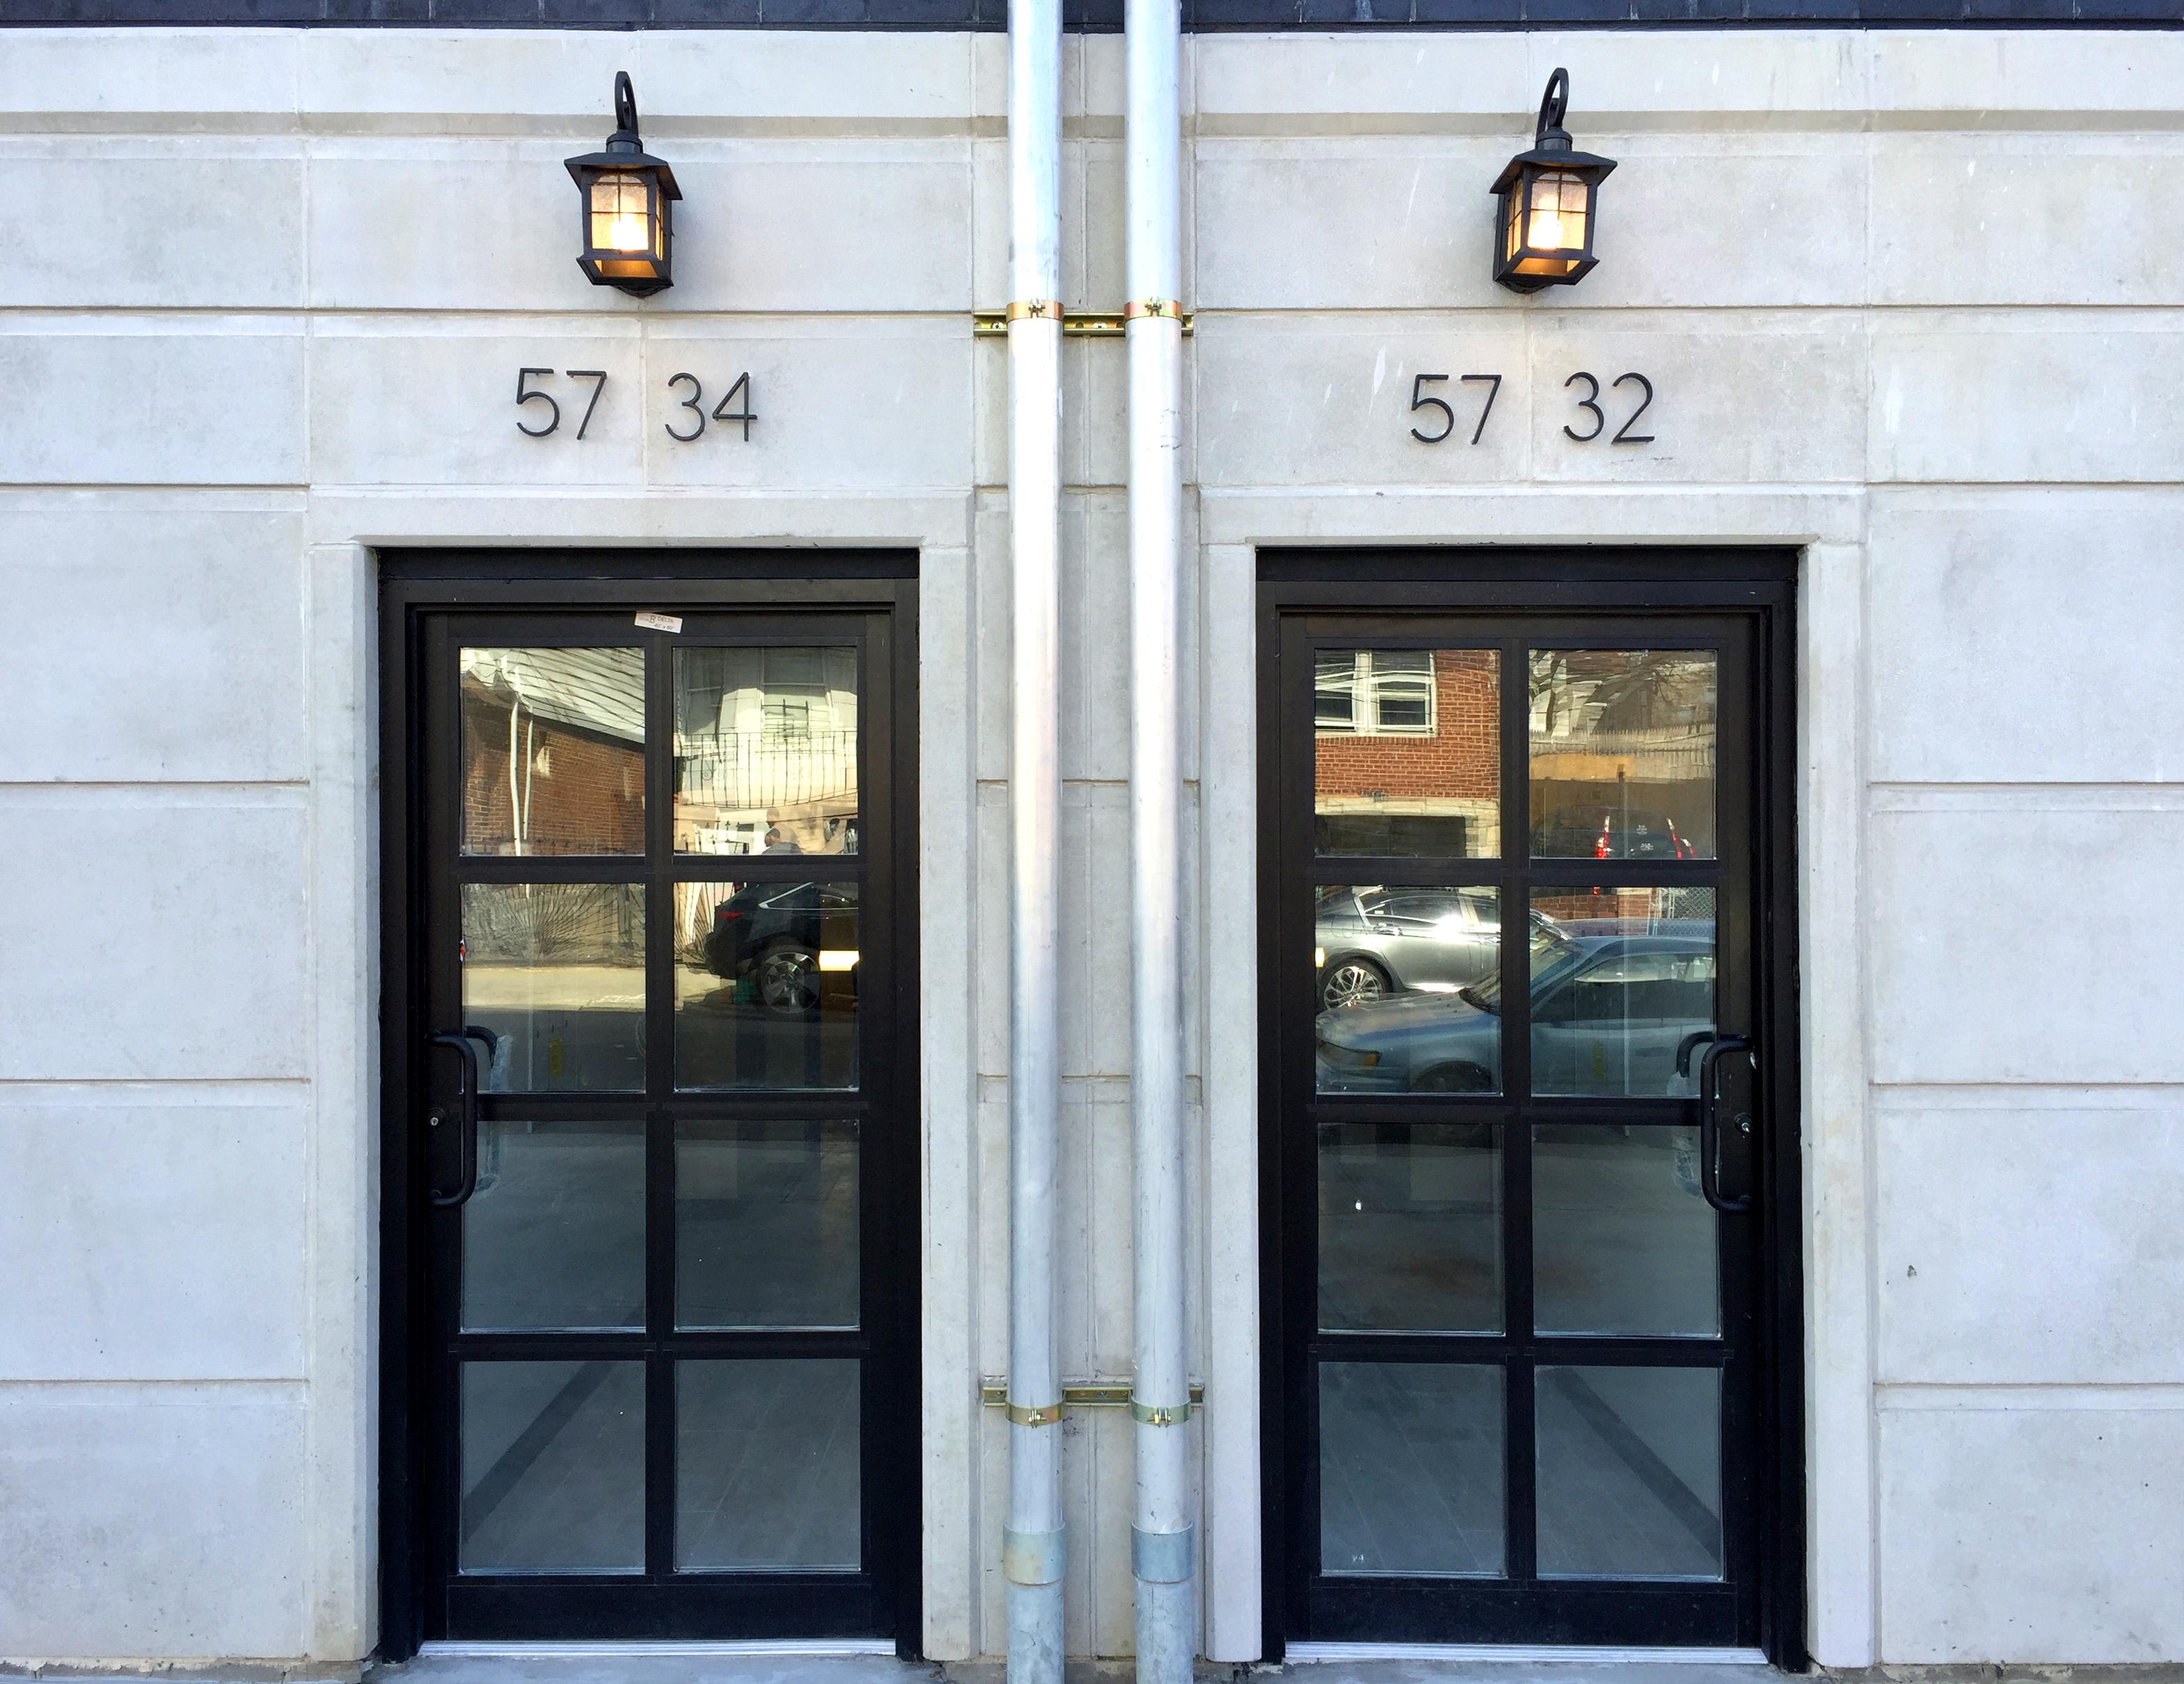 57-32/57-34 Granger St.